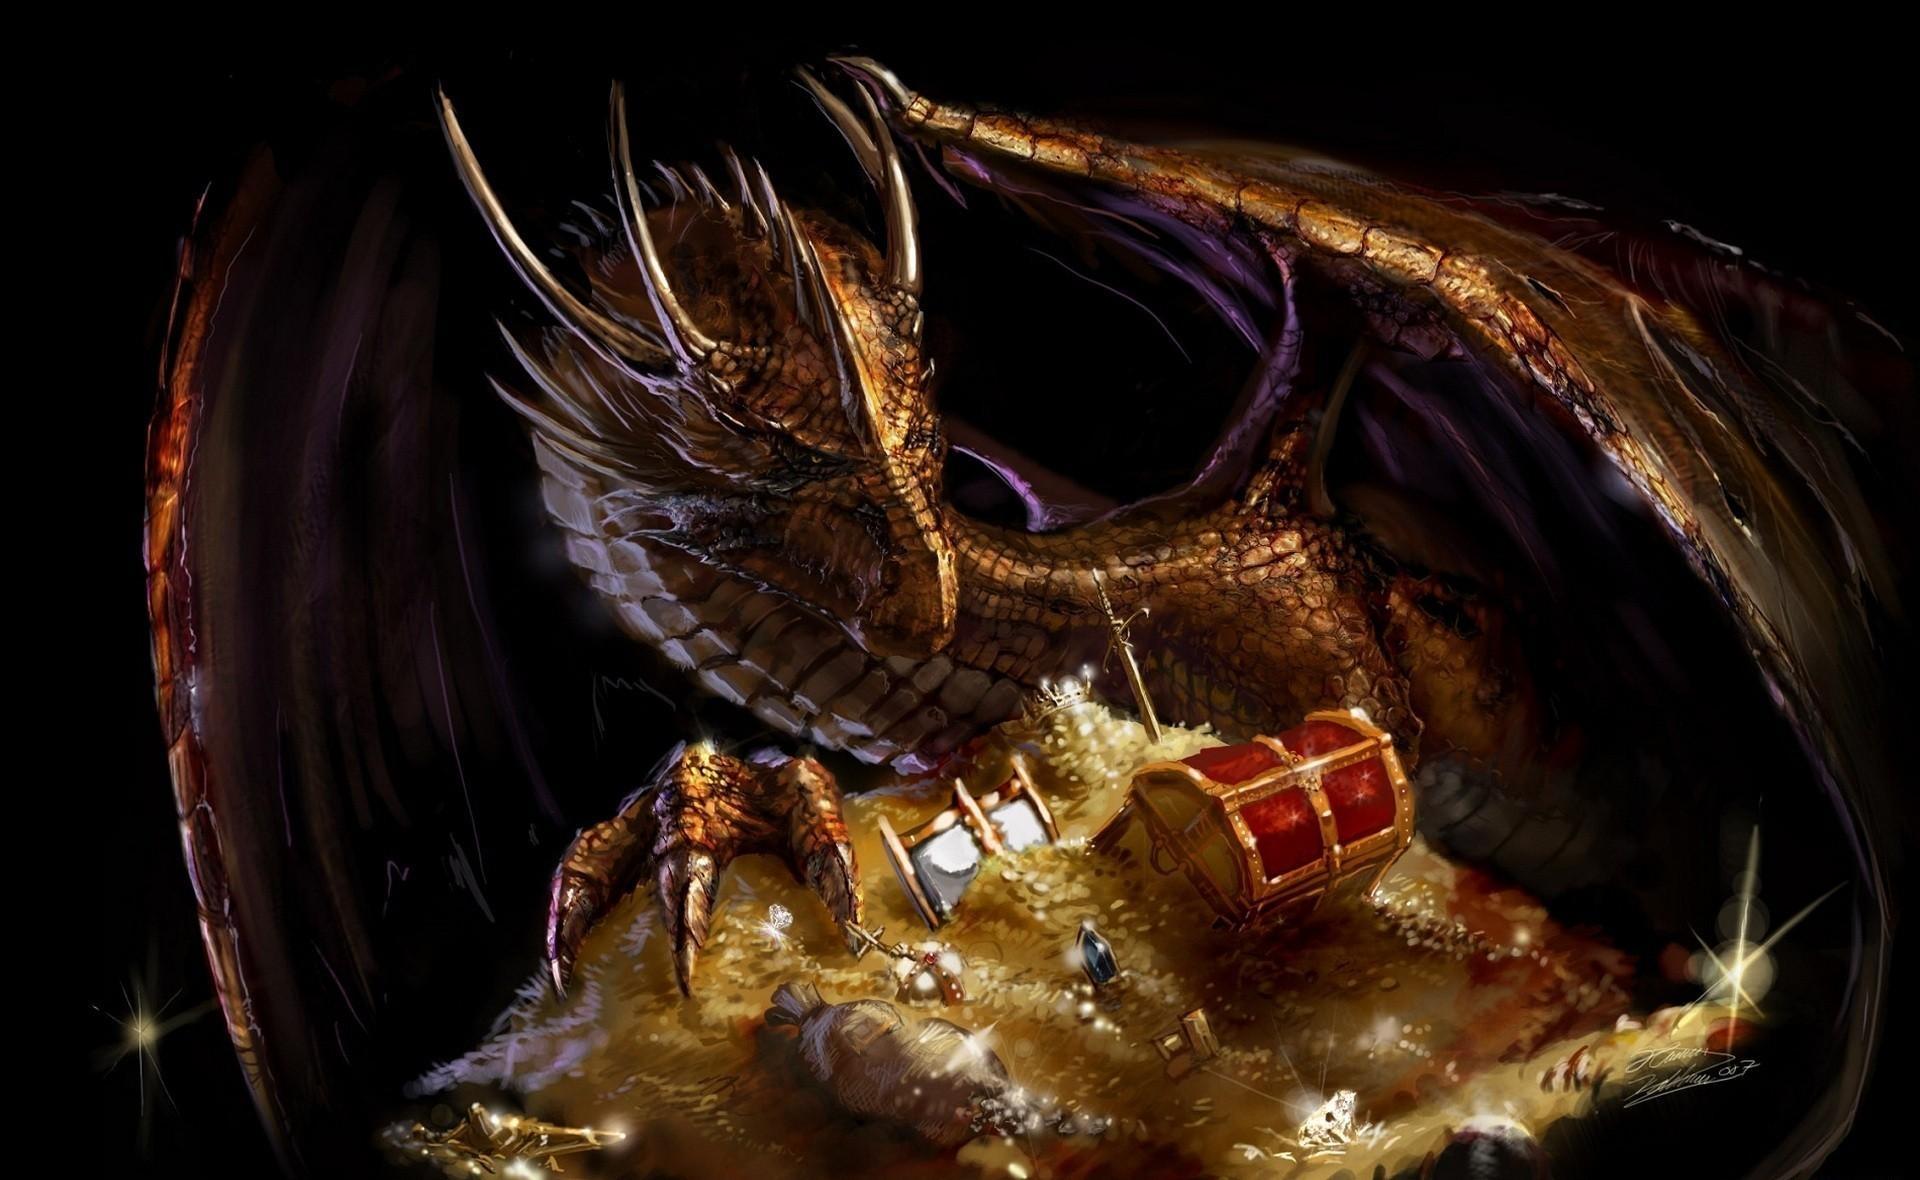 Fond d'écran : dragon, Trésor, or 1920x1180 - CoolWallpapers - 649370 - Fond d'écran - WallHere